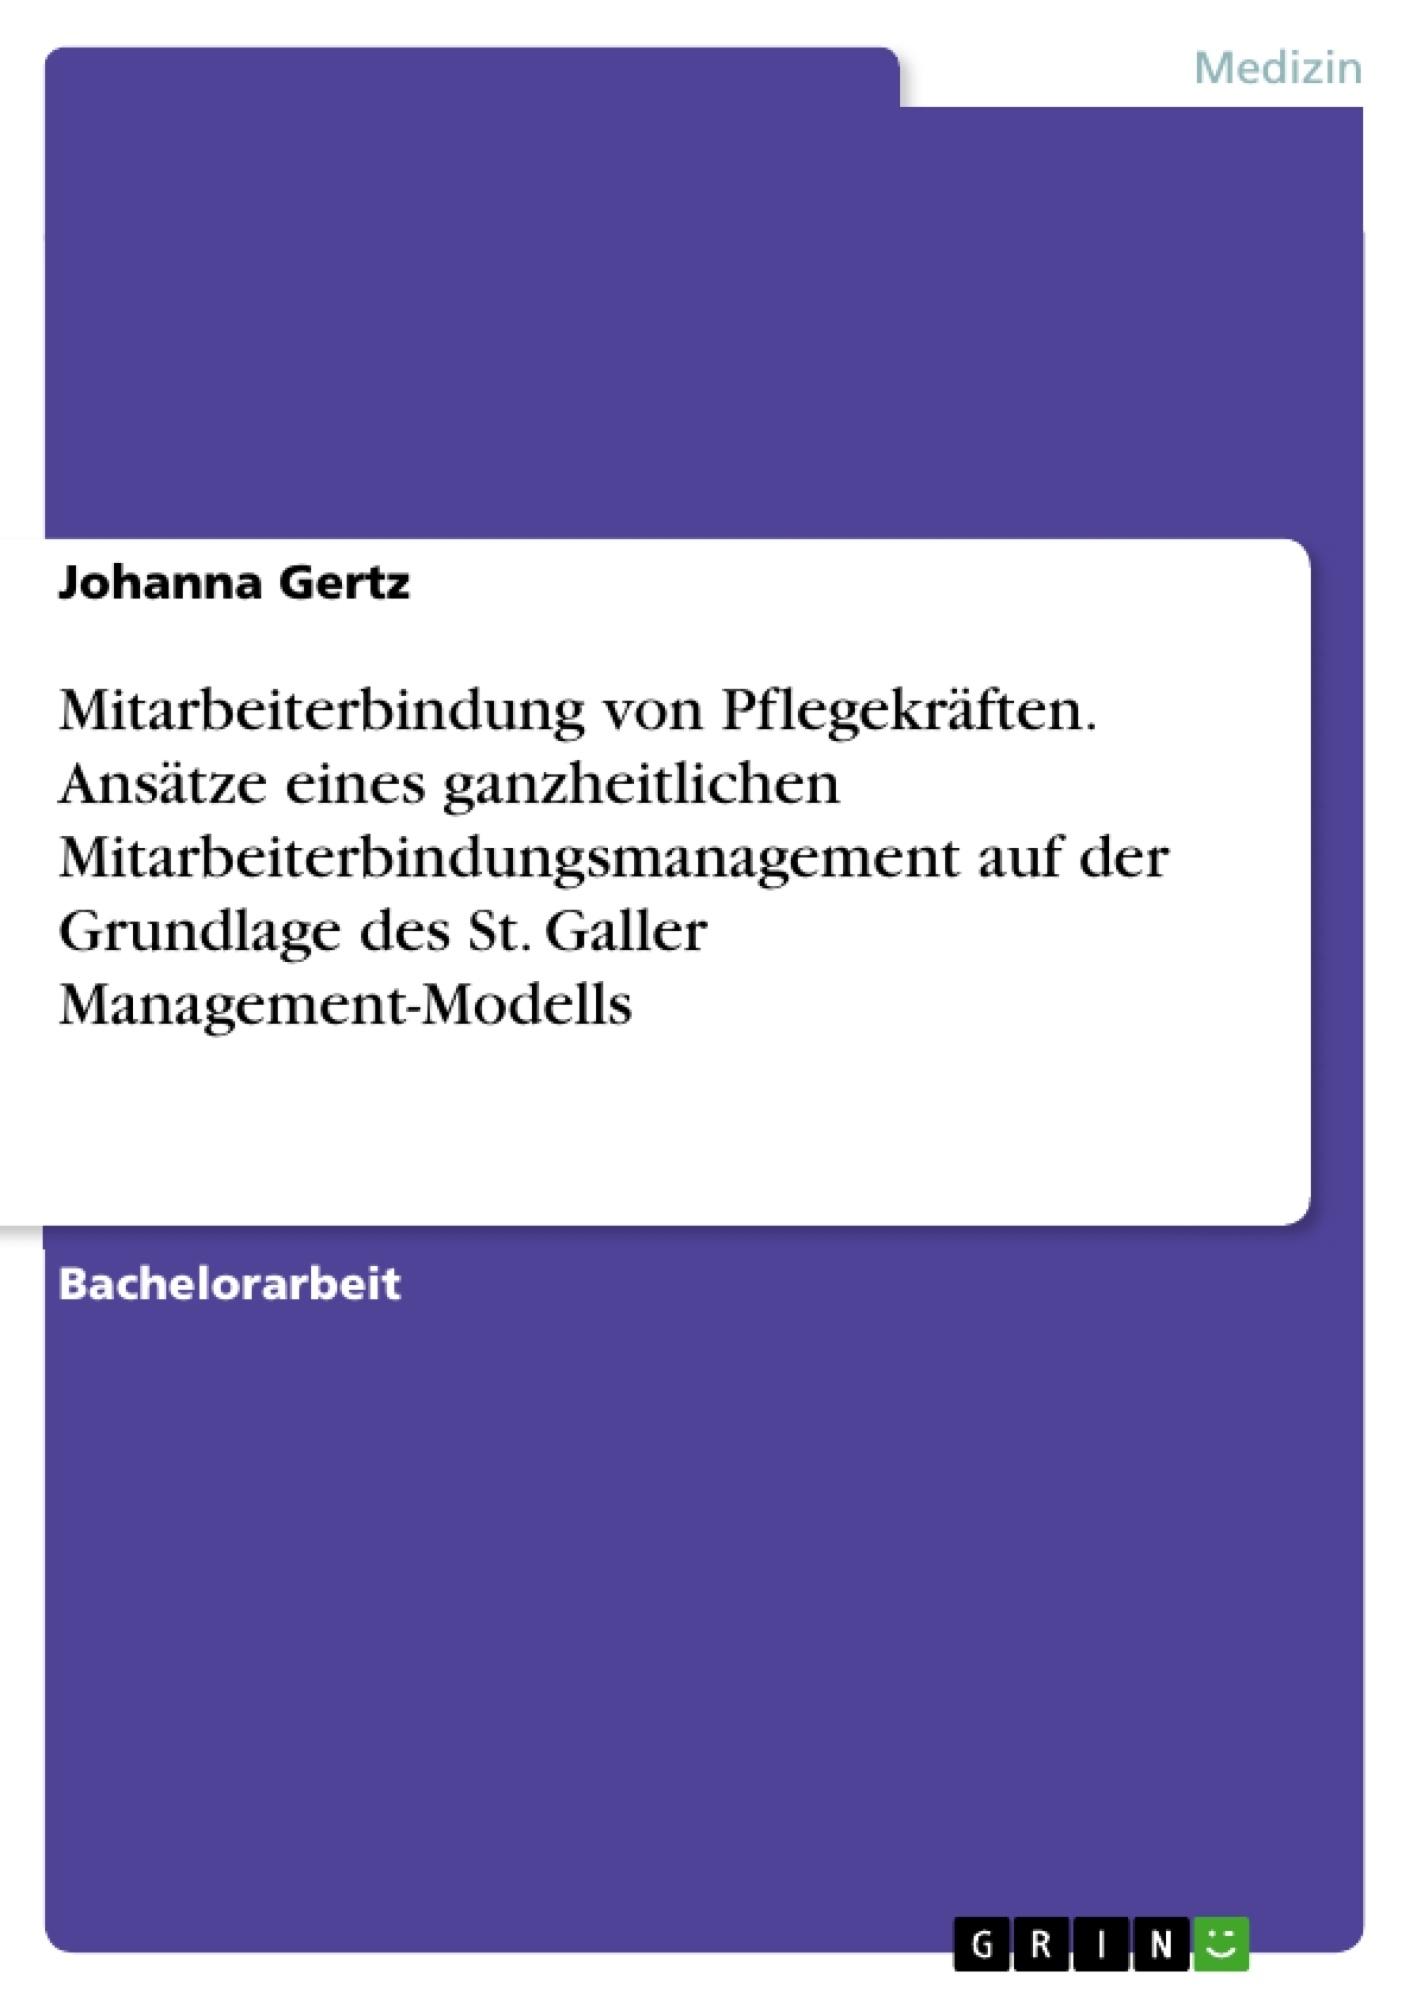 Titel: Mitarbeiterbindung von Pflegekräften. Ansätze eines ganzheitlichen Mitarbeiterbindungsmanagement auf der Grundlage des St. Galler Management-Modells